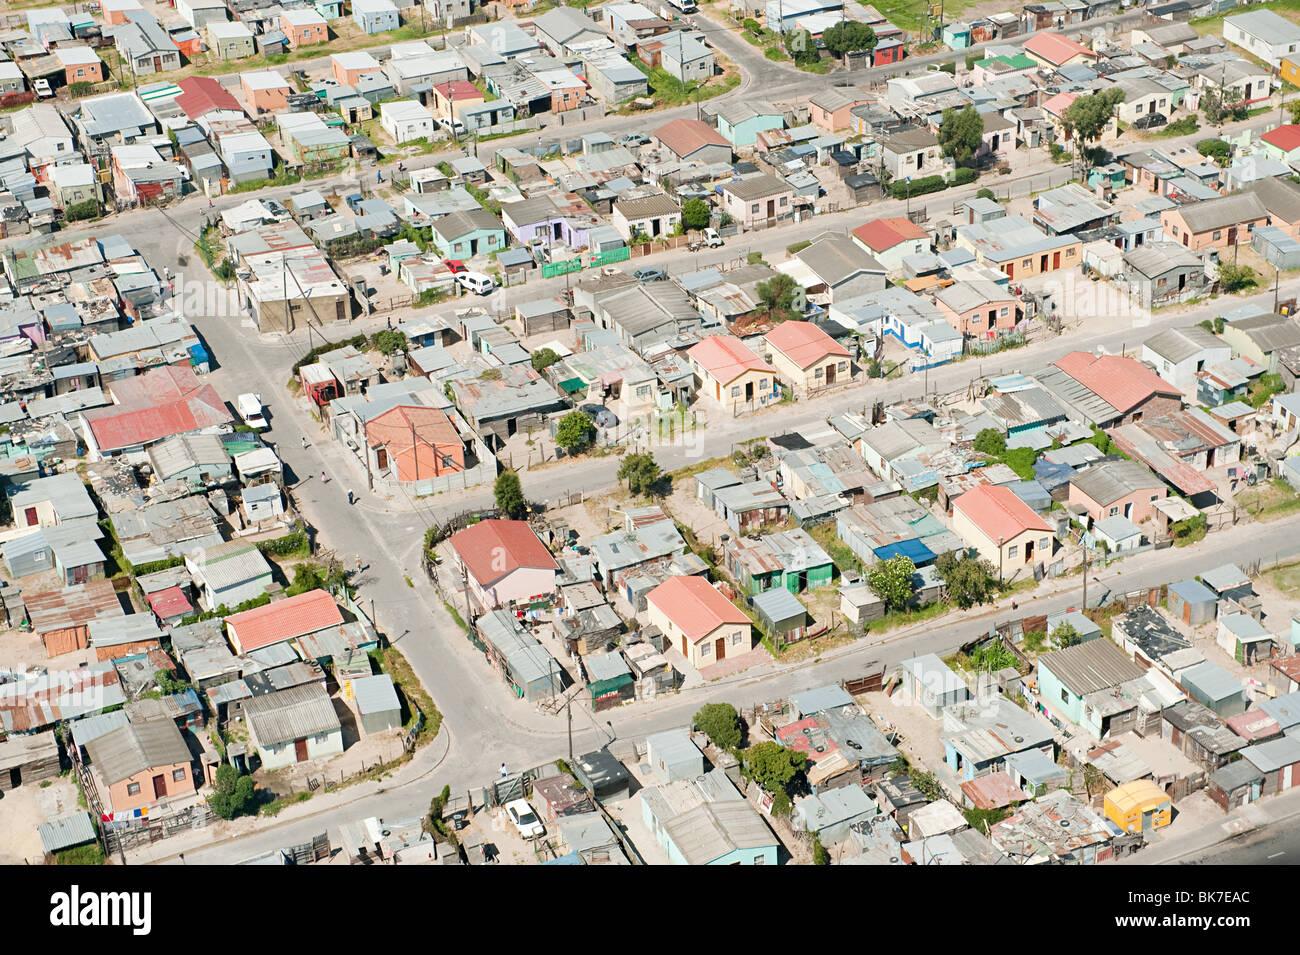 Vista aérea del poblado de chabolas de Cape Town Foto de stock